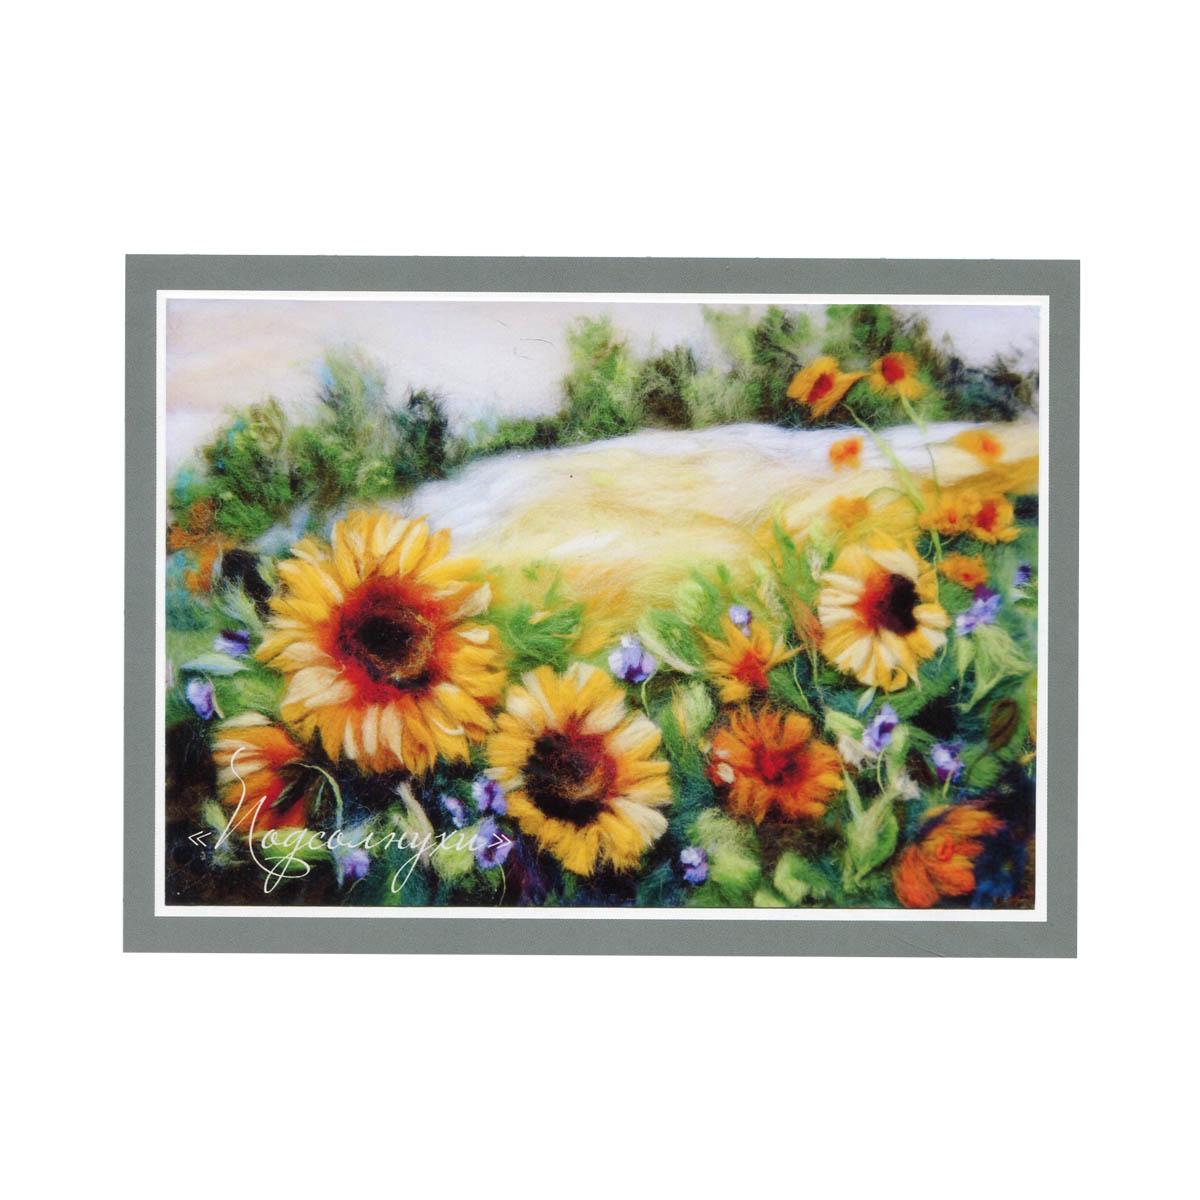 Набор для валяния (живопись цветной шерстью) 'Подсолнухи' 18,5х25 см, без рамы